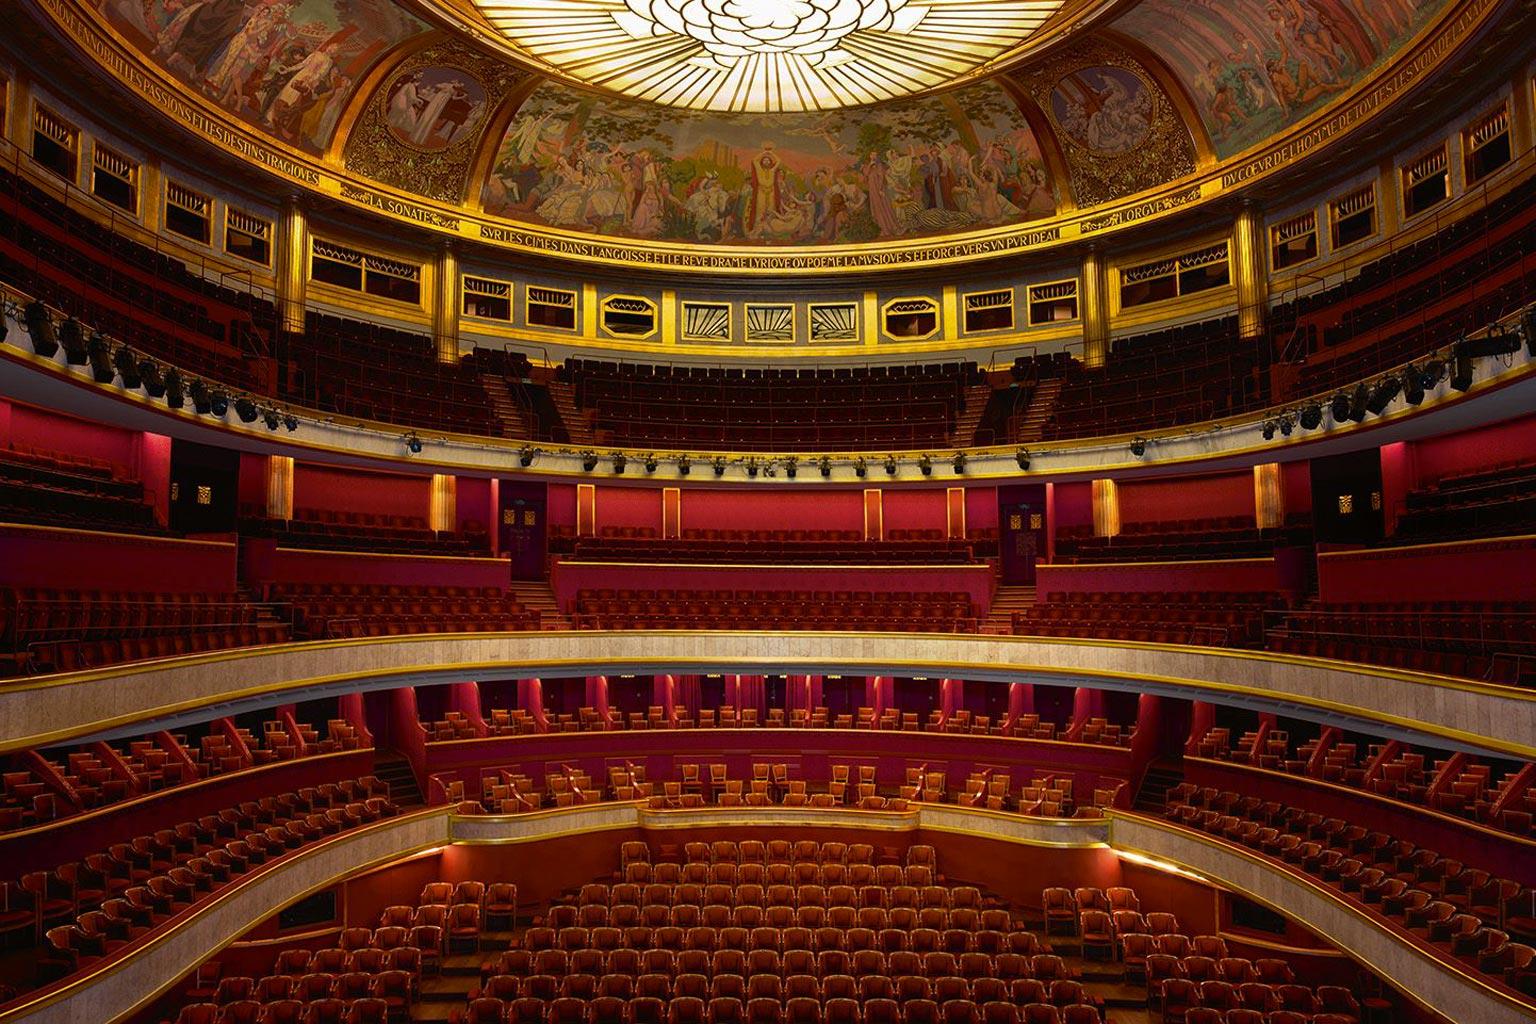 Théâtre des Champs-Élysées interior   Source: theatreinparis.com